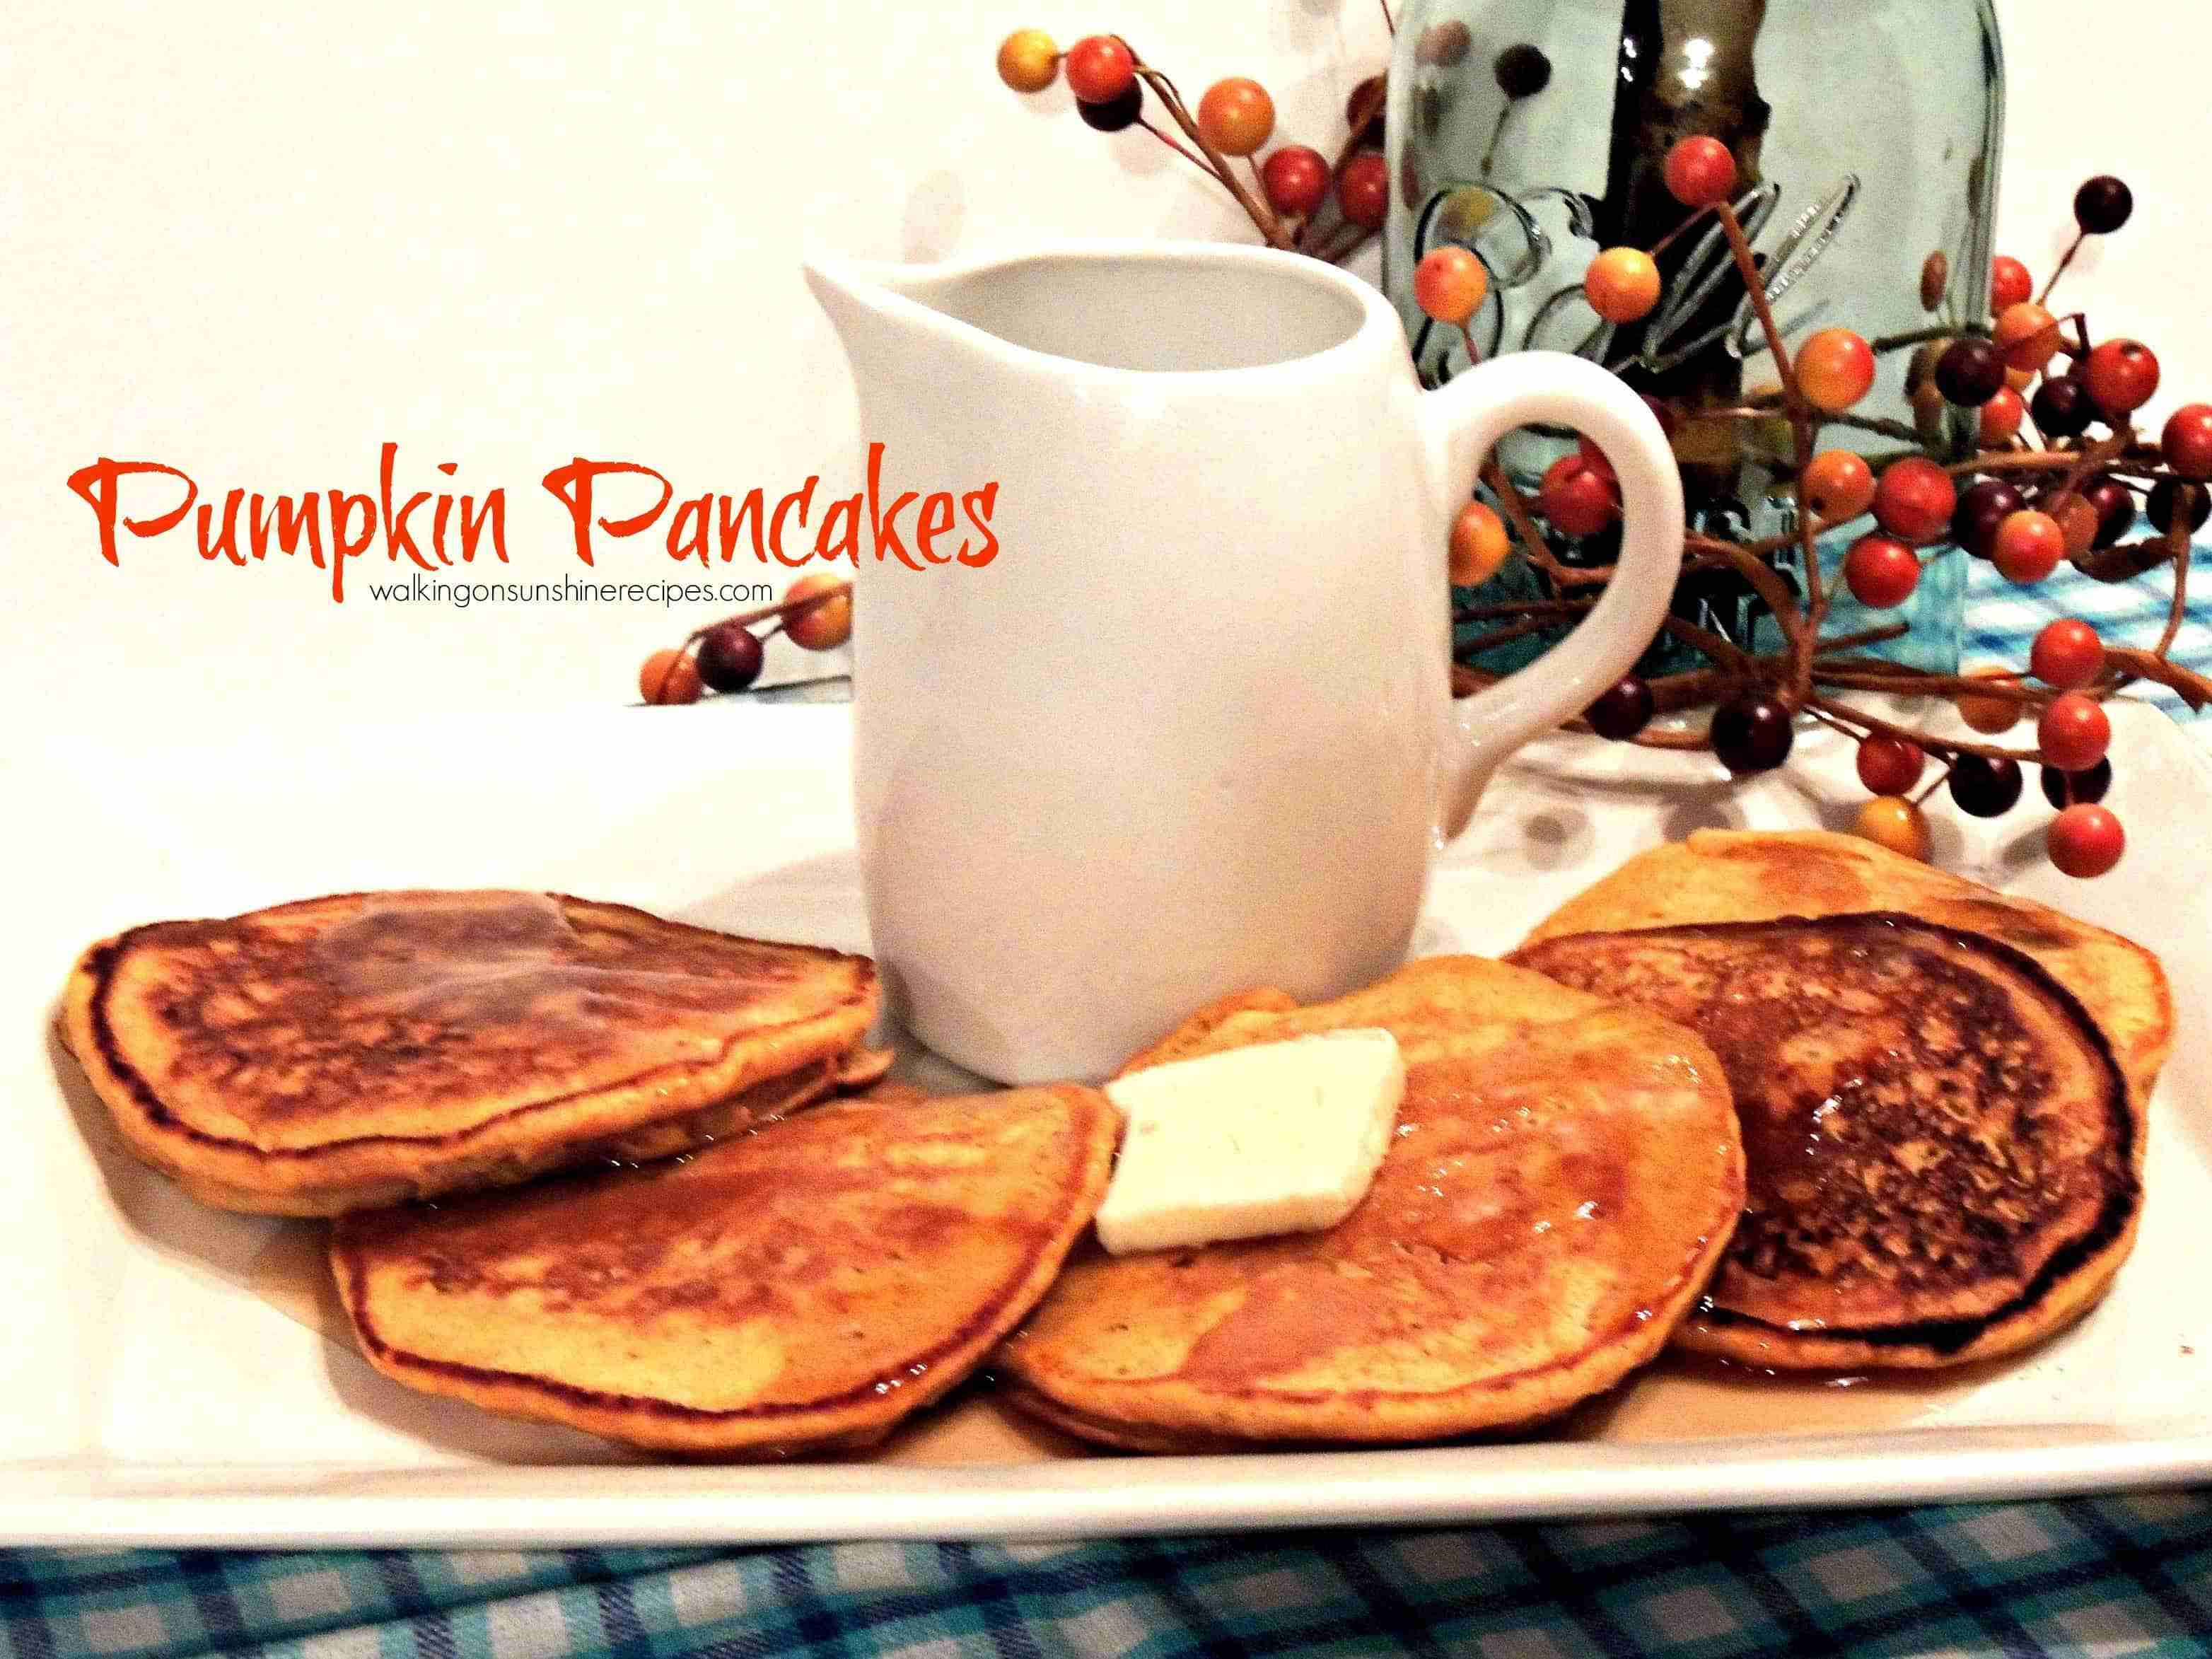 pumpkin pancakes promo